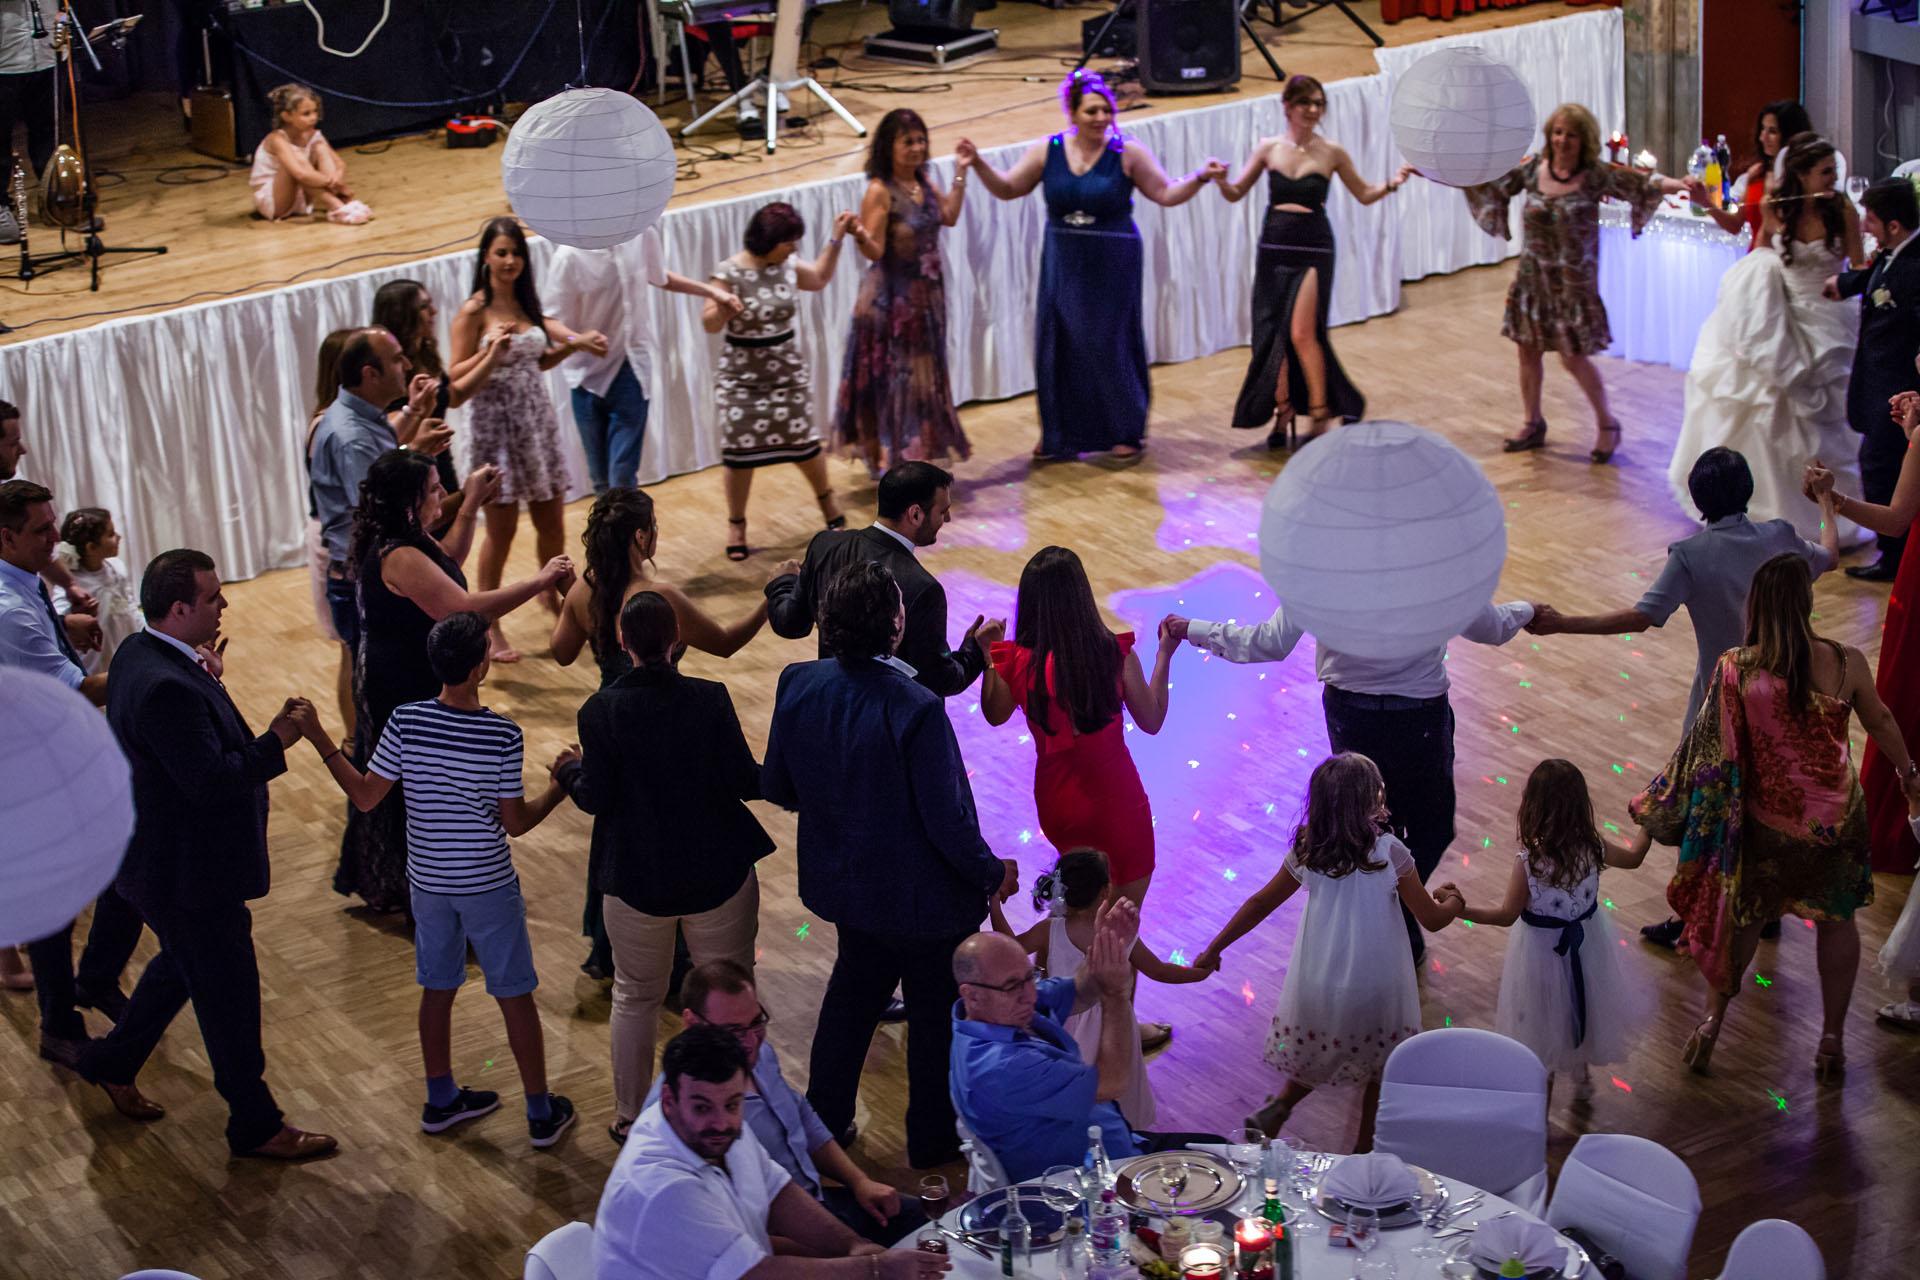 Hochzeitsgesellschaft tanzt griechisch im Kreis